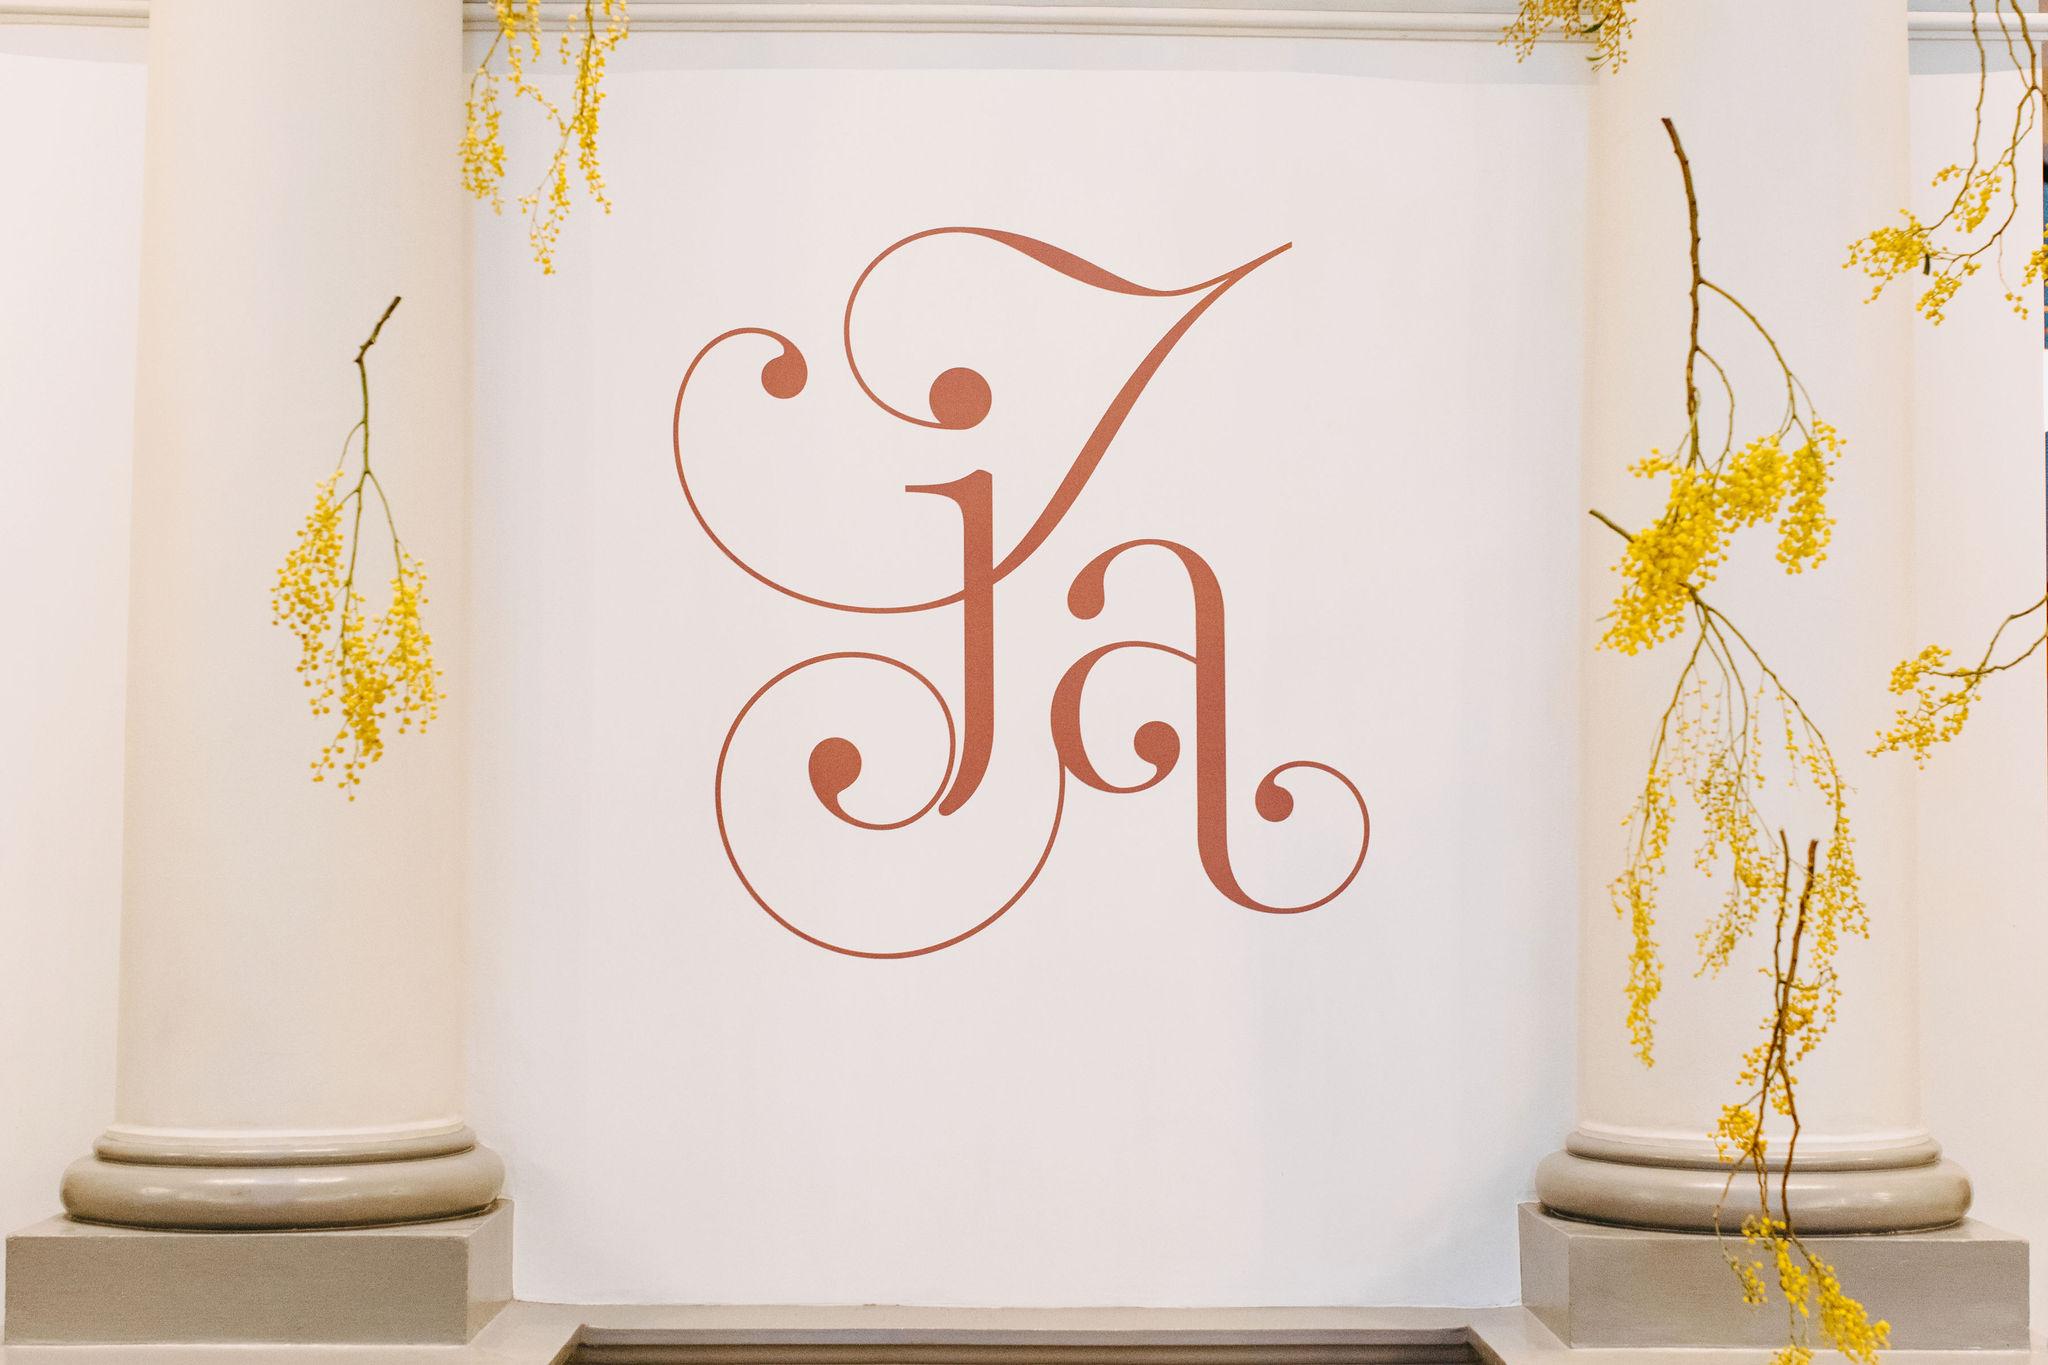 WEDDINGOPENDAY-STATEBUILDINGS-25AUG2019-119